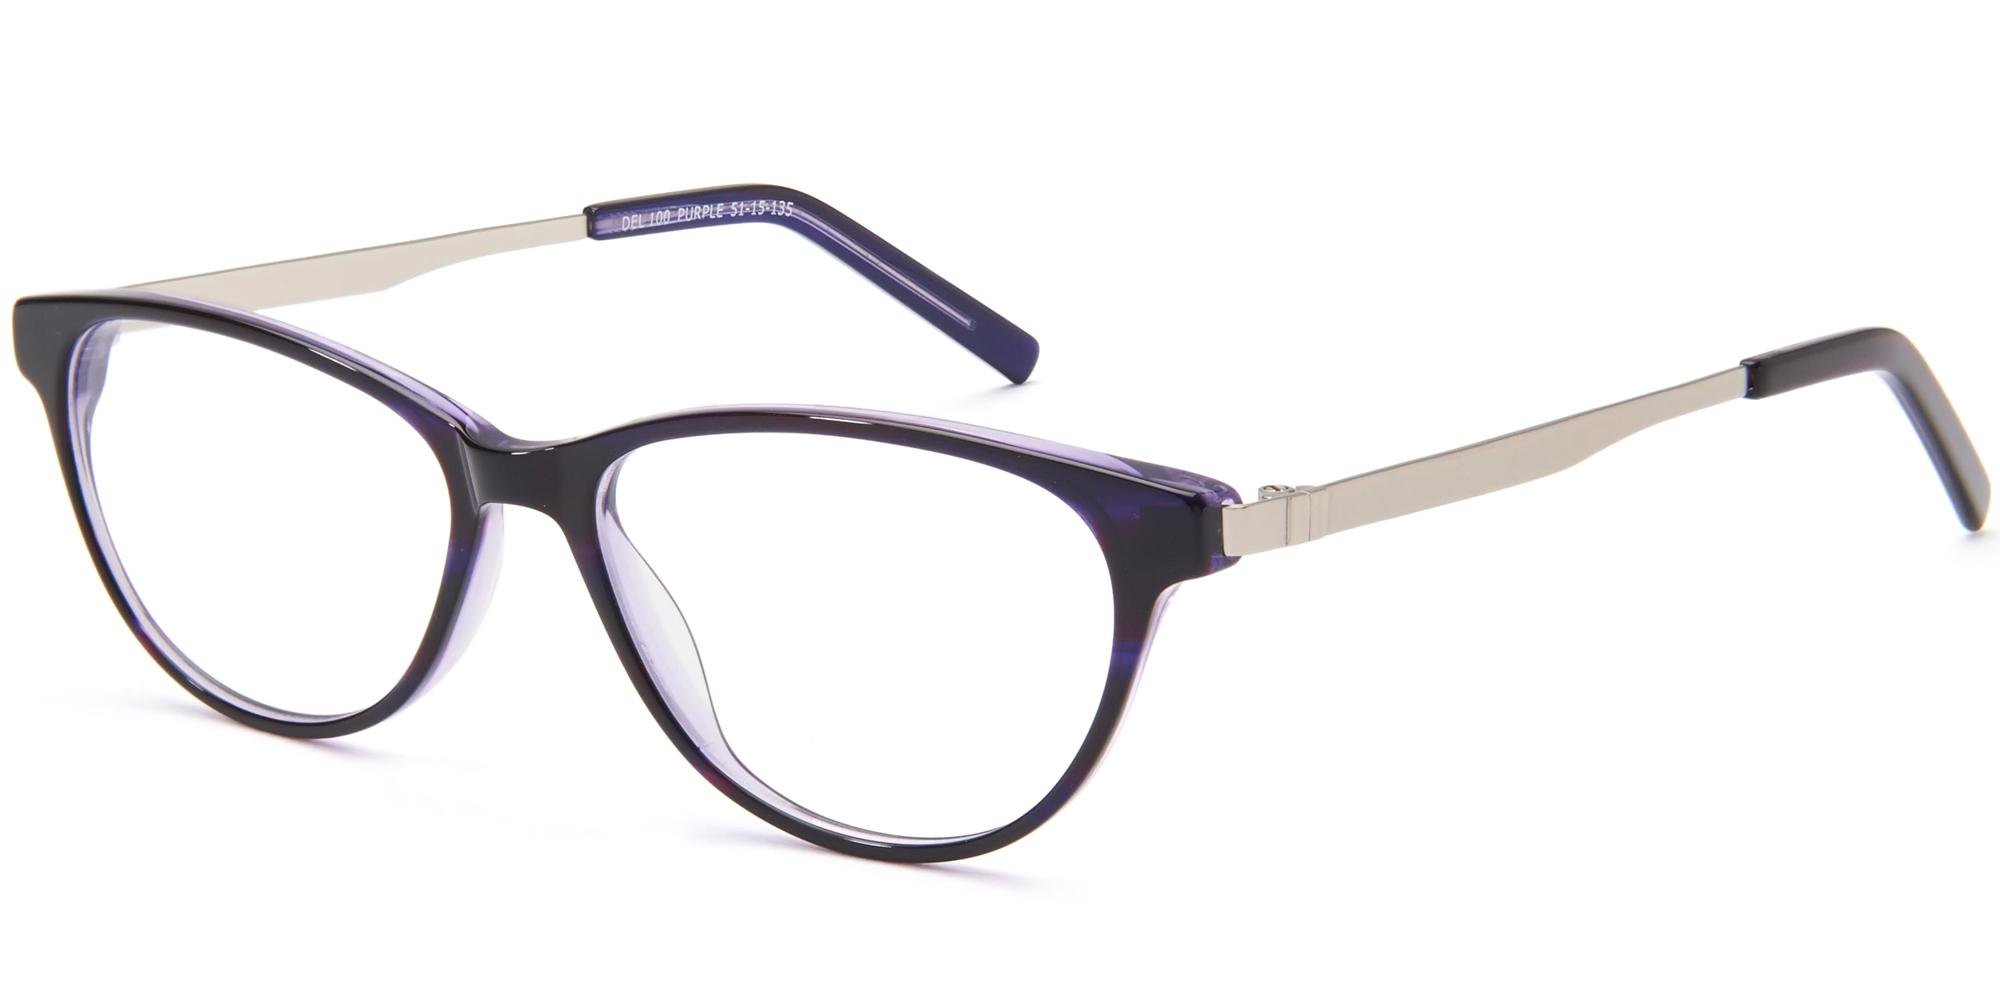 Delancy Glasses